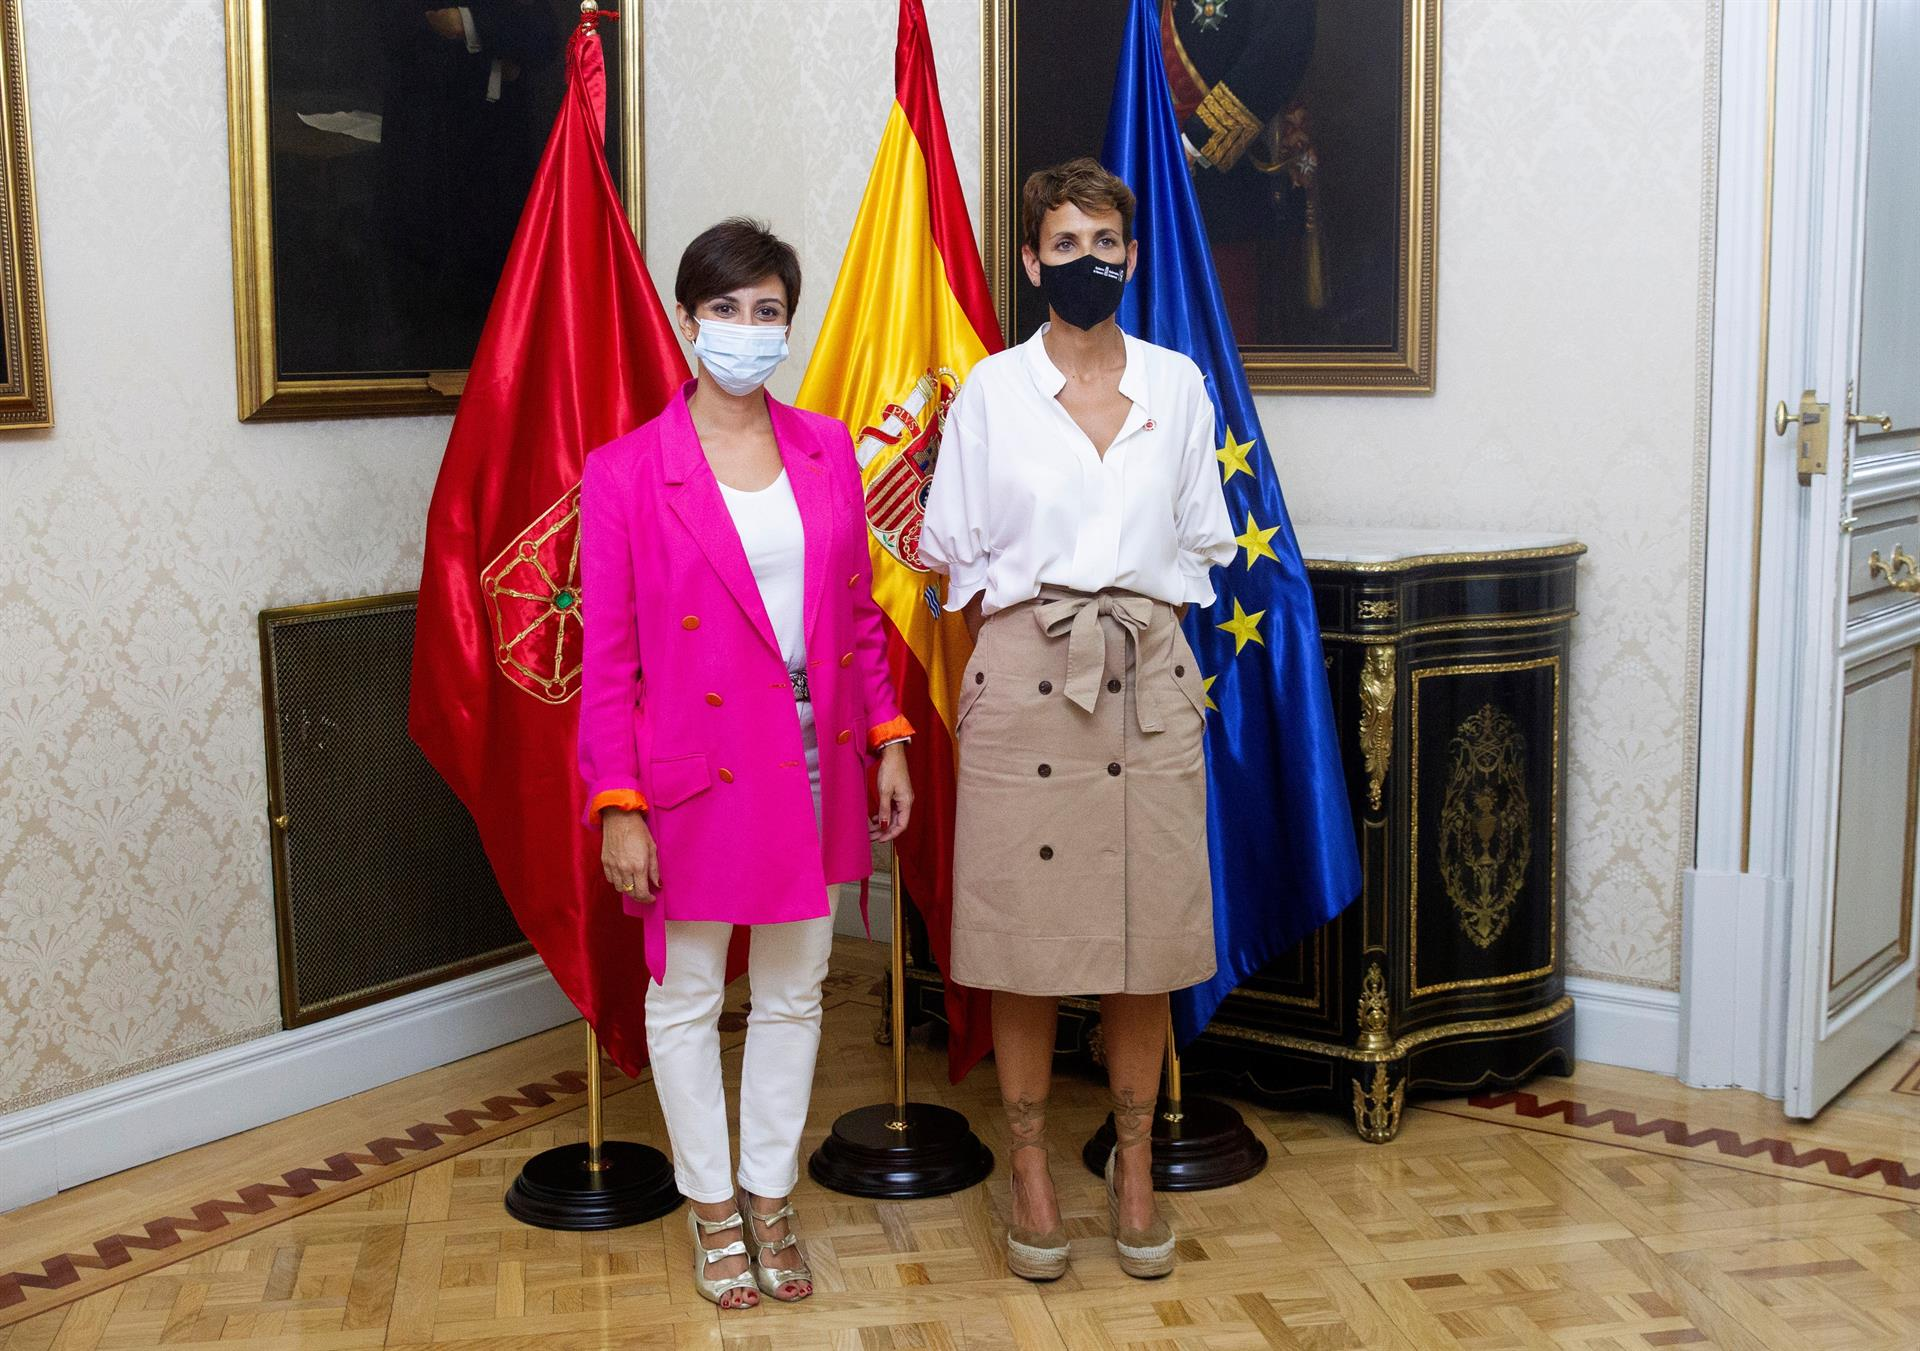 MADRID, 07/09/2021.- La presidenta de Navarra, María Chivite (d), durante su reunión con la ministra de Política Territorial y portavoz del Gobierno, Isabel Rodríguez García (i), este martes en la sede del Ministerio en Madrid. EFE/ Javier Liaño